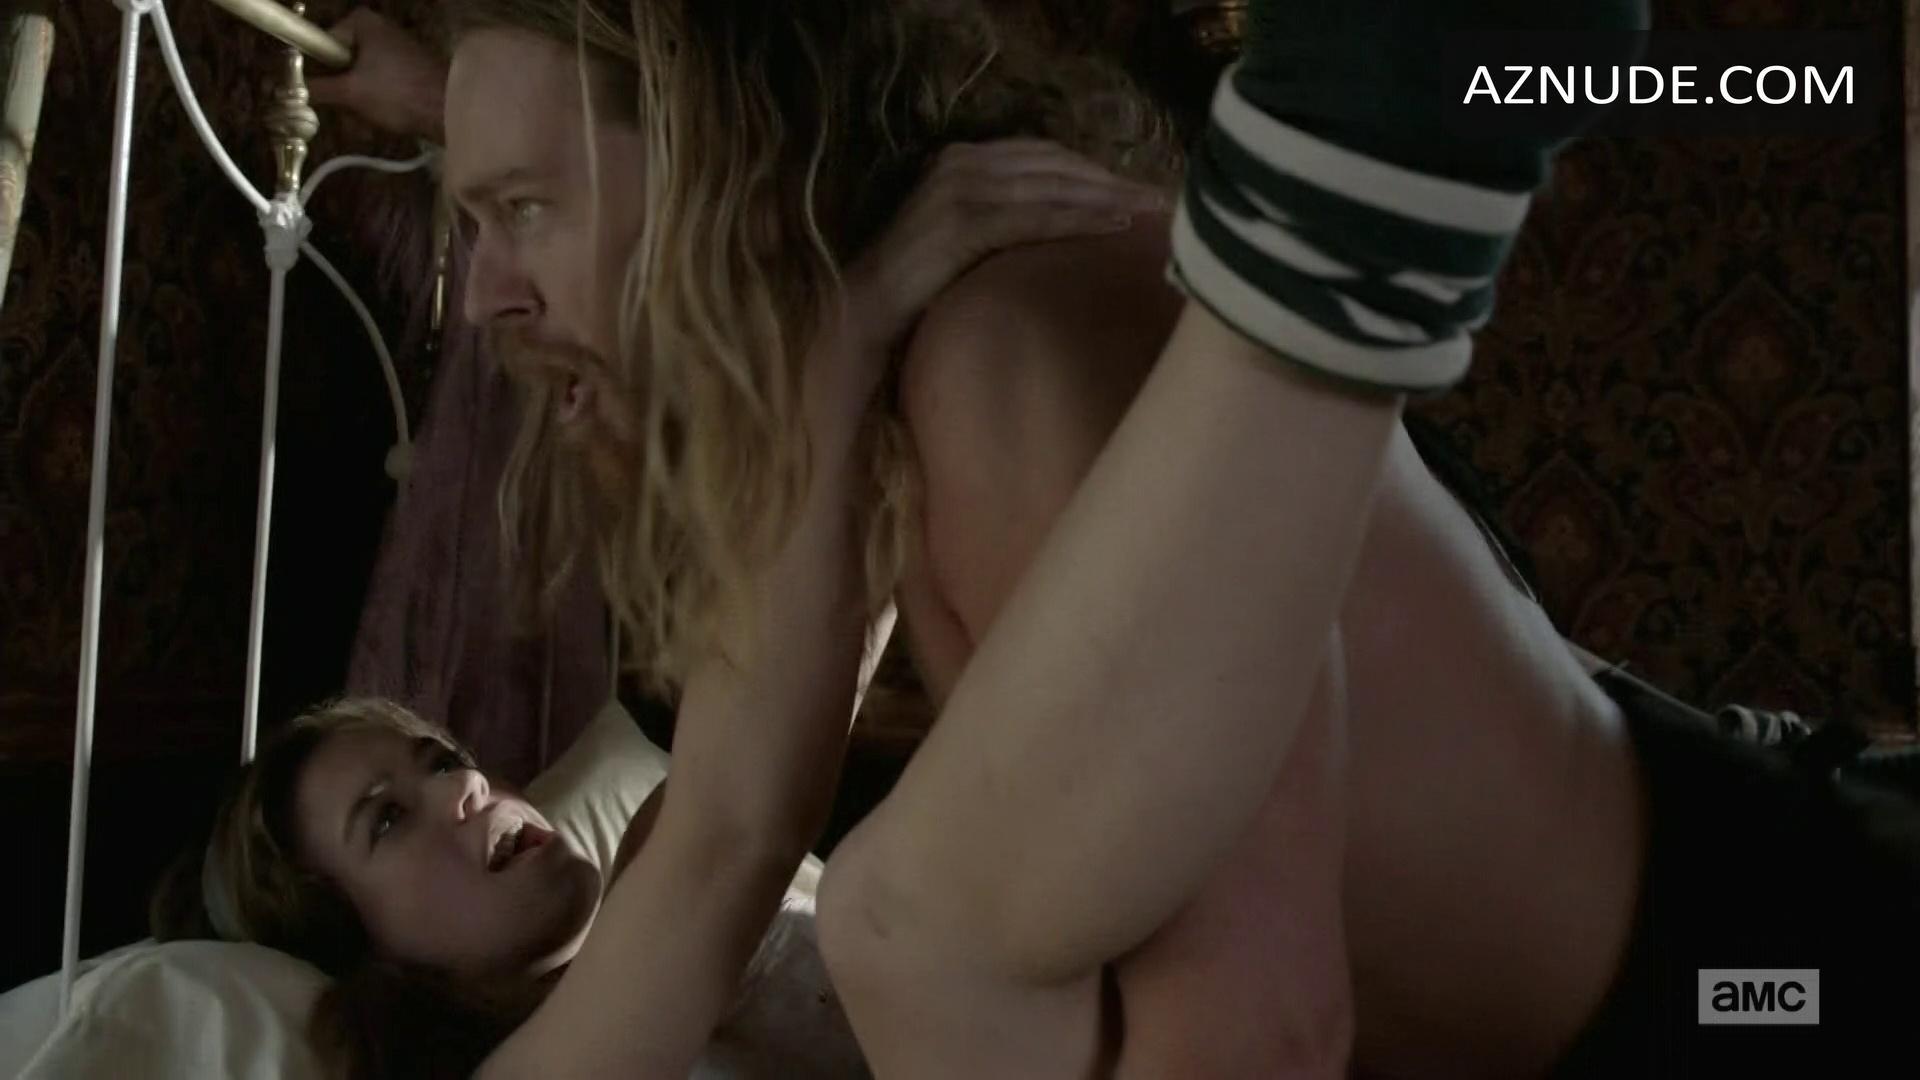 nude movie scenes vintage